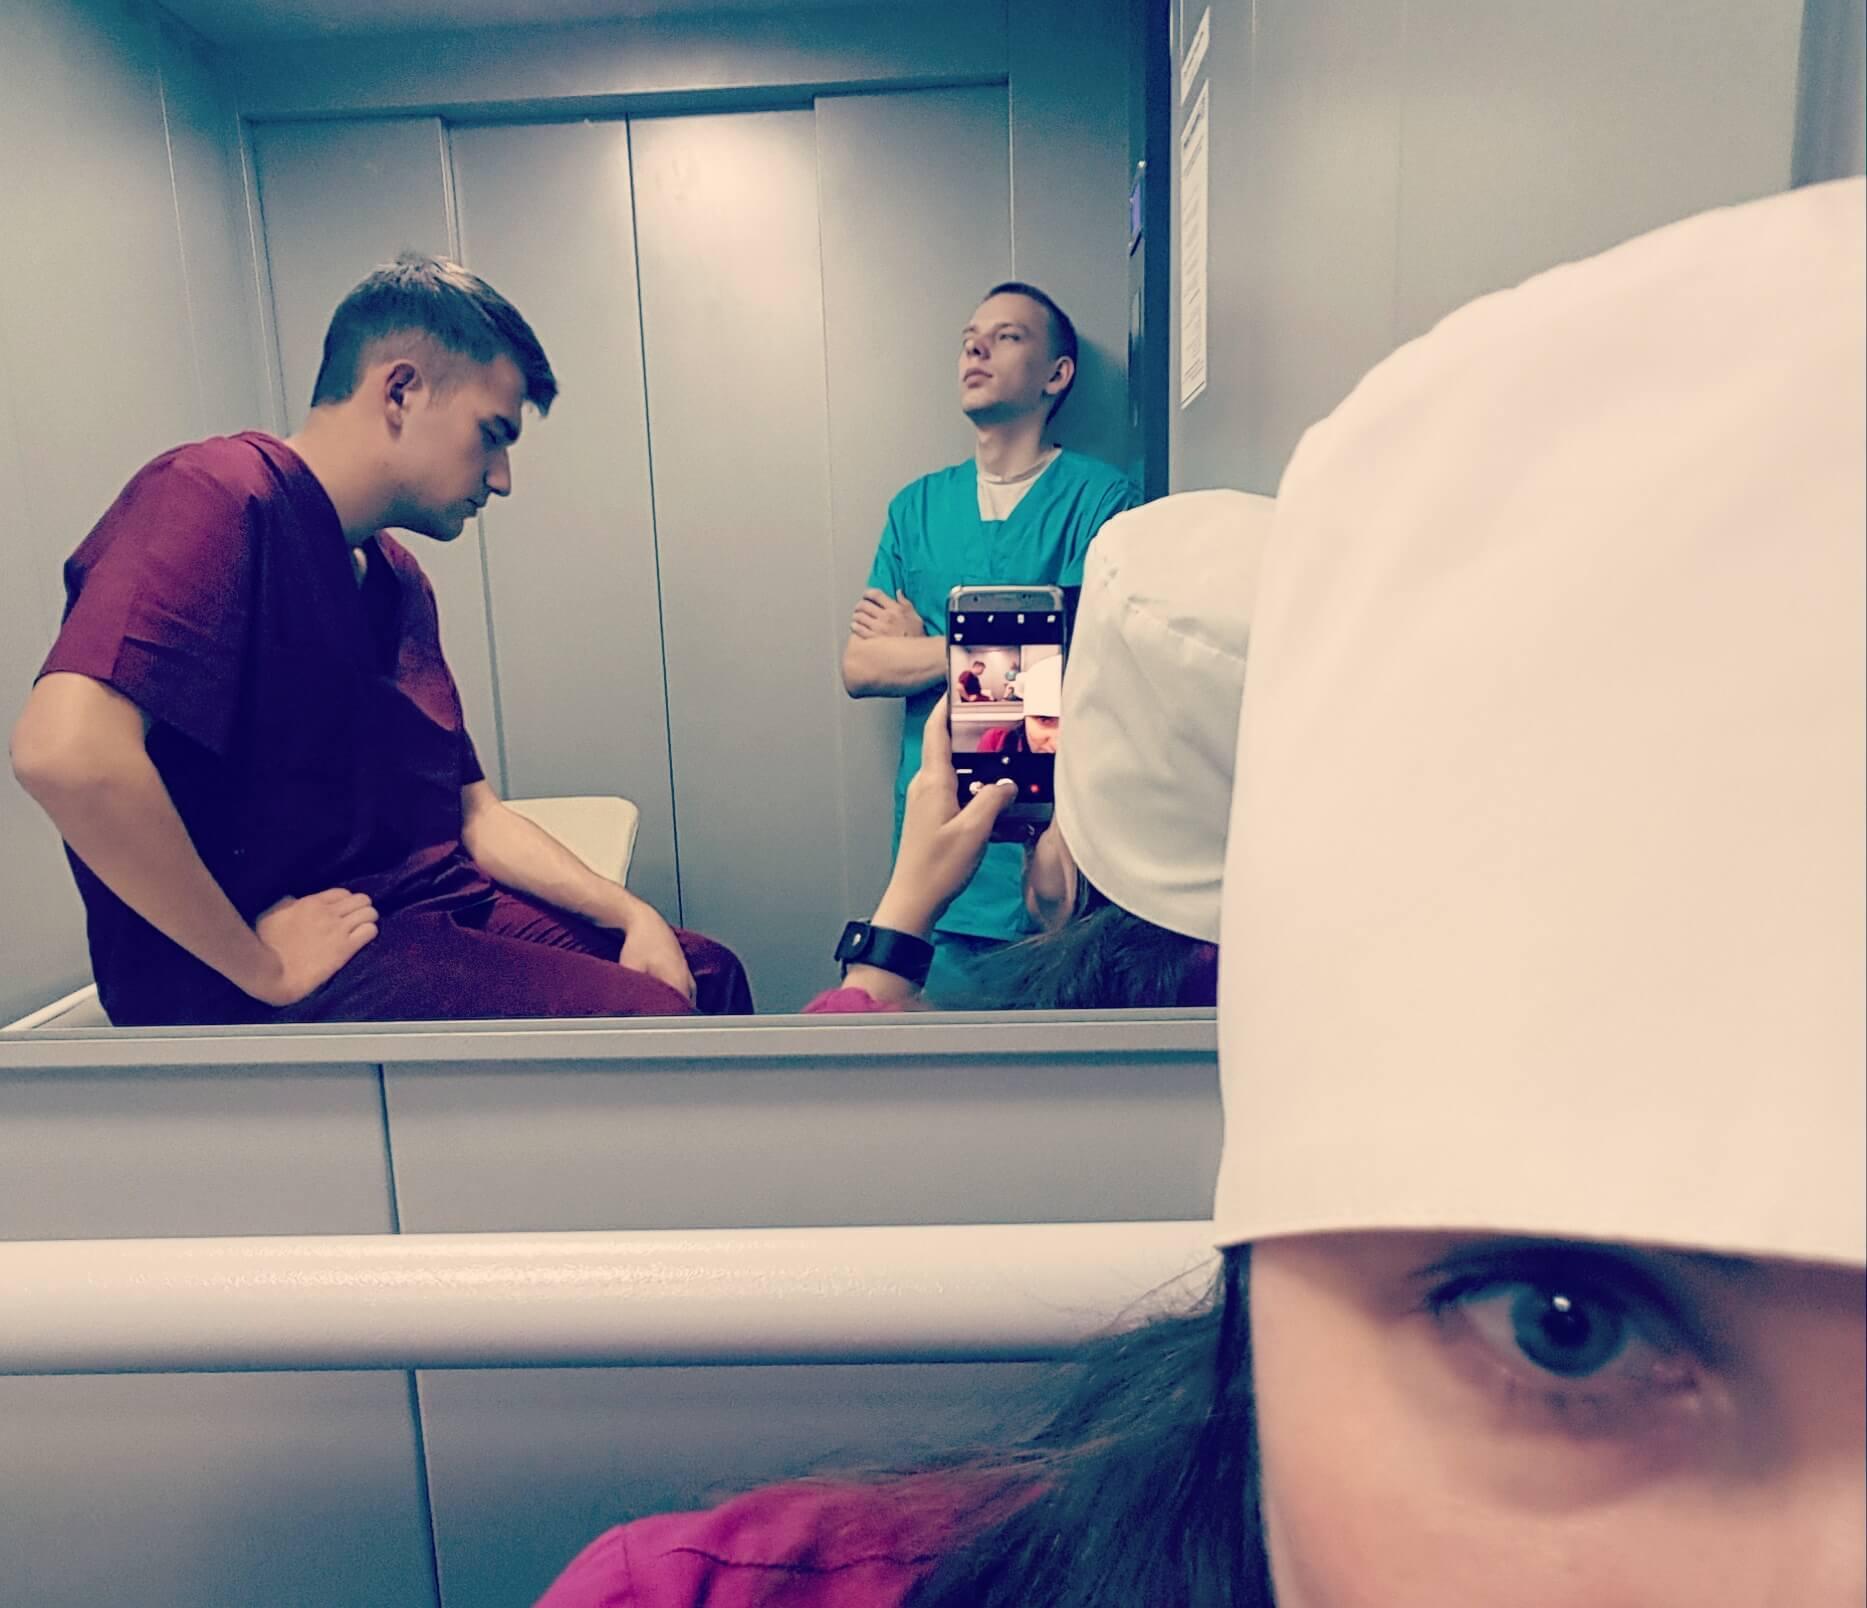 В ожидании покоя: санитары приемного отделения Эльдар Ахундов, Андрей Тополов